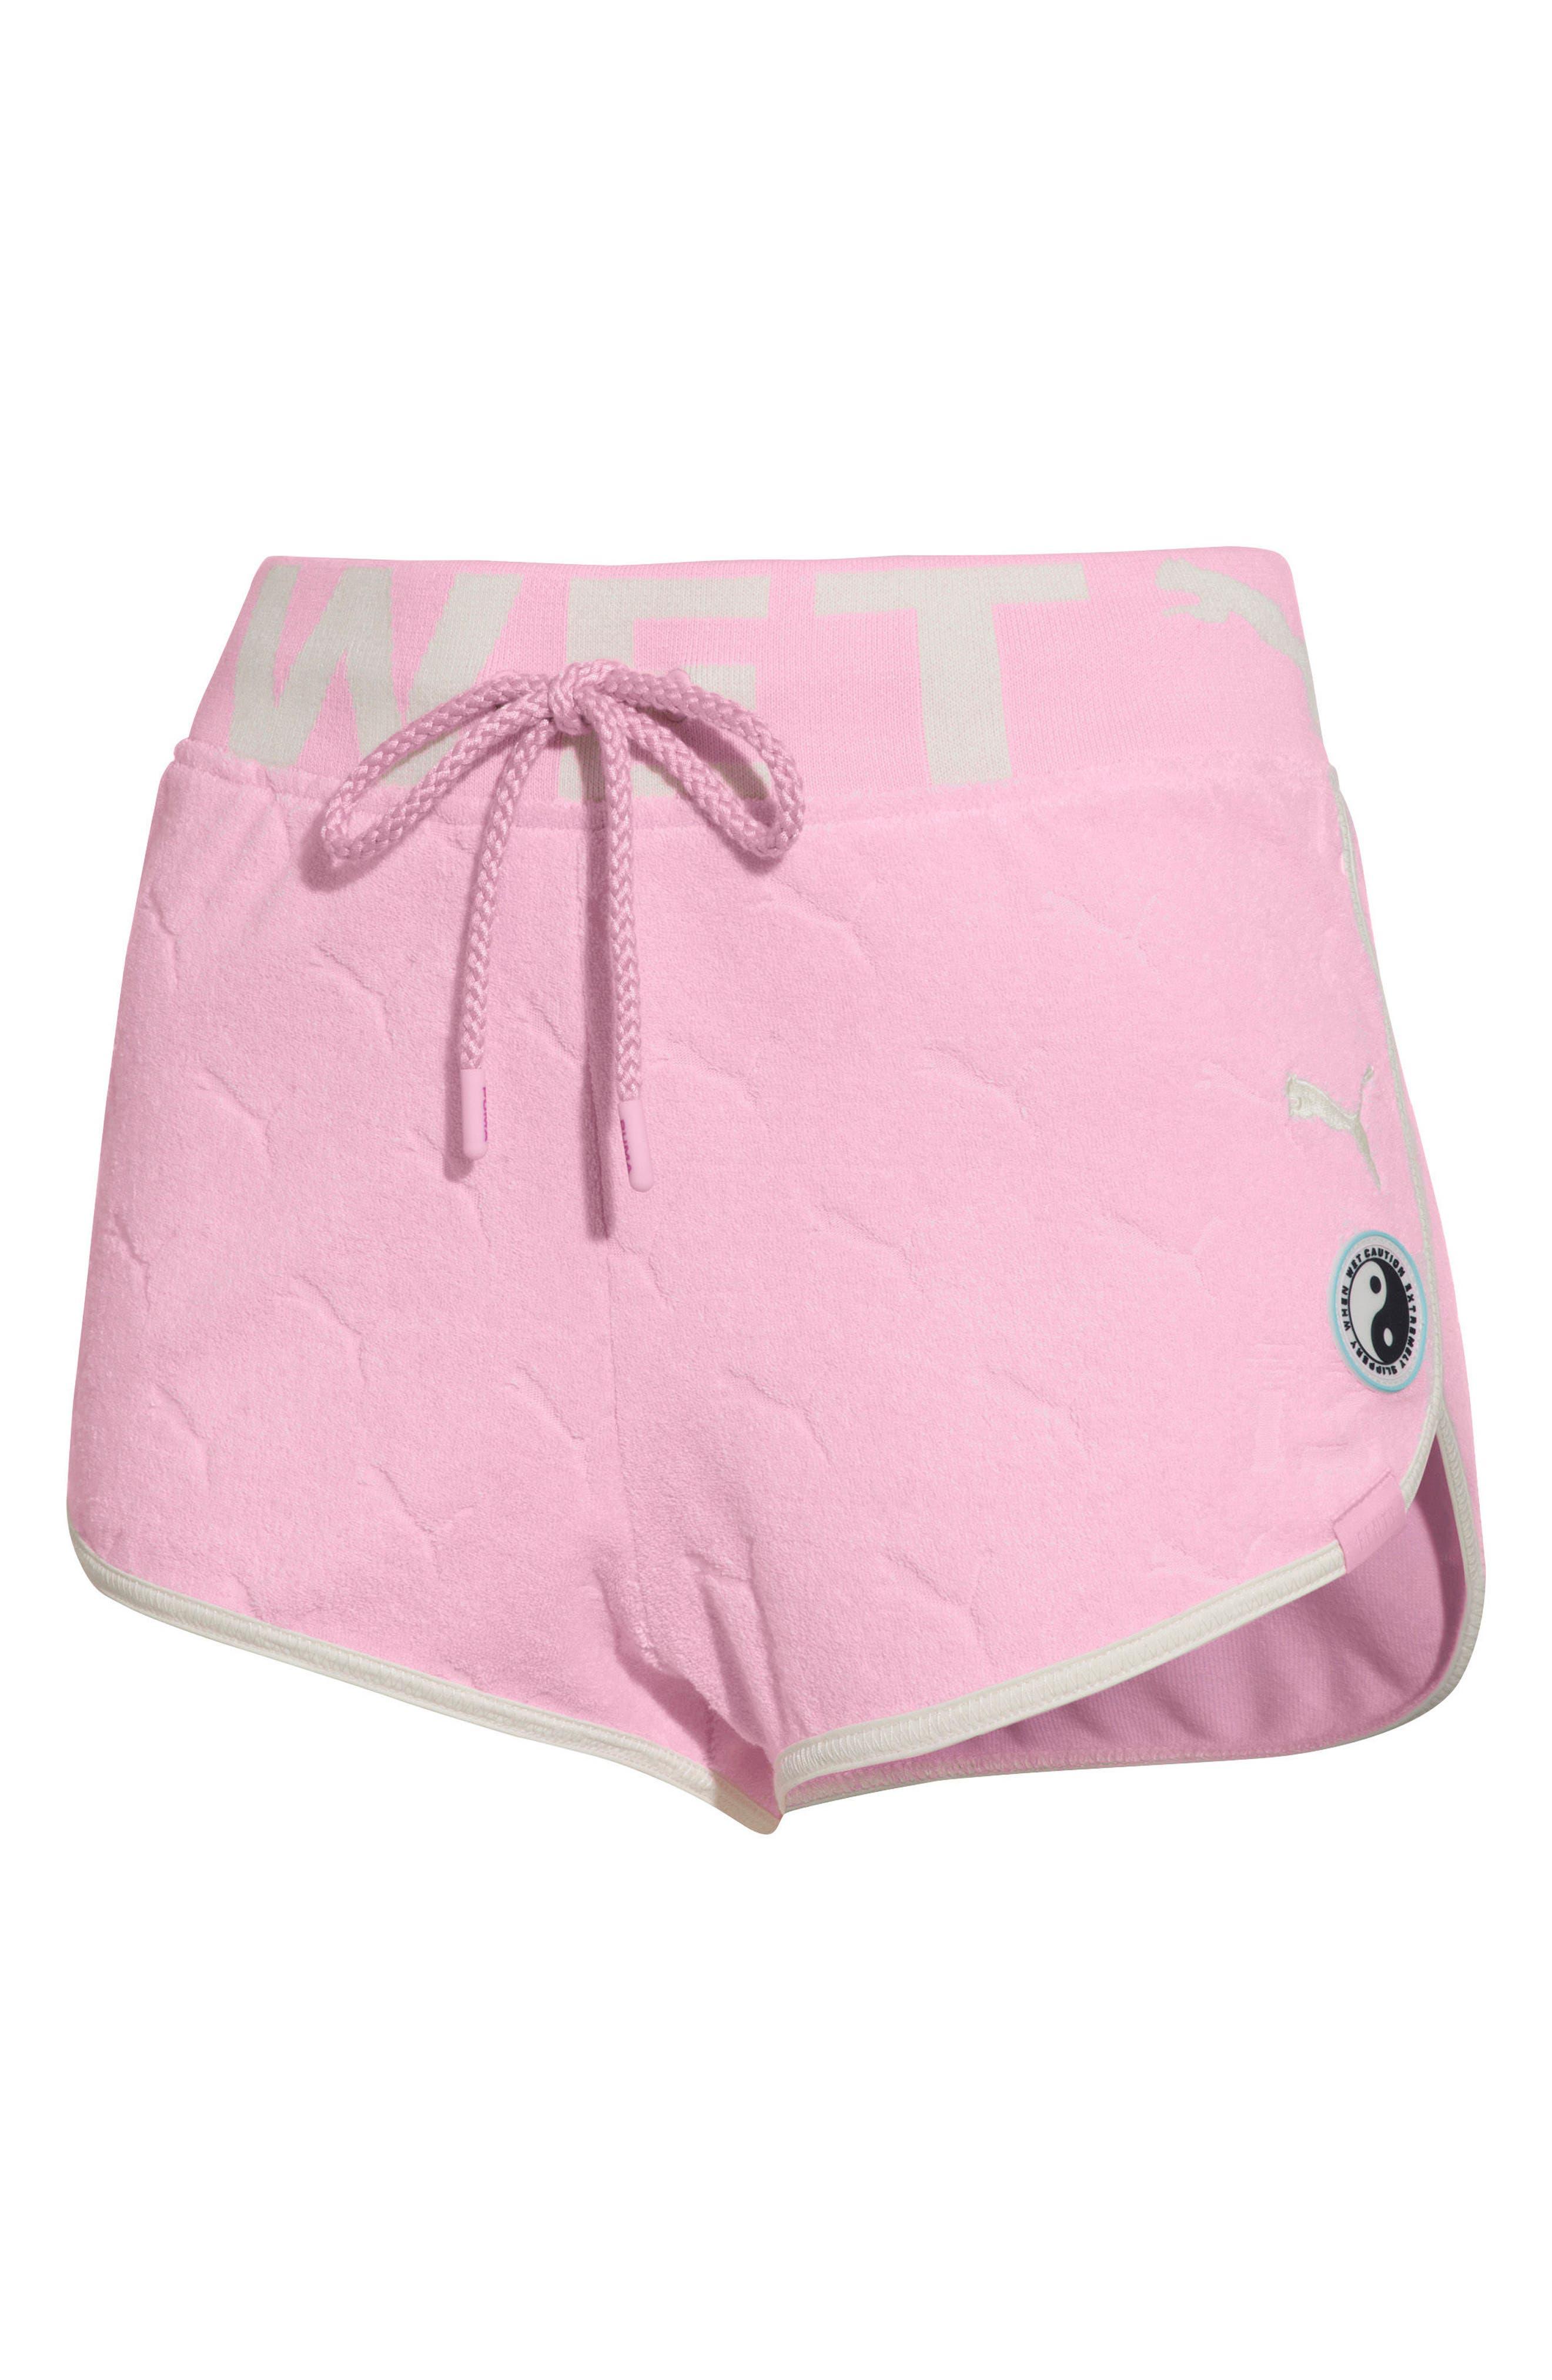 PUMA by Rihanna Terry Cloth Dolphin Shorts,                         Main,                         color,